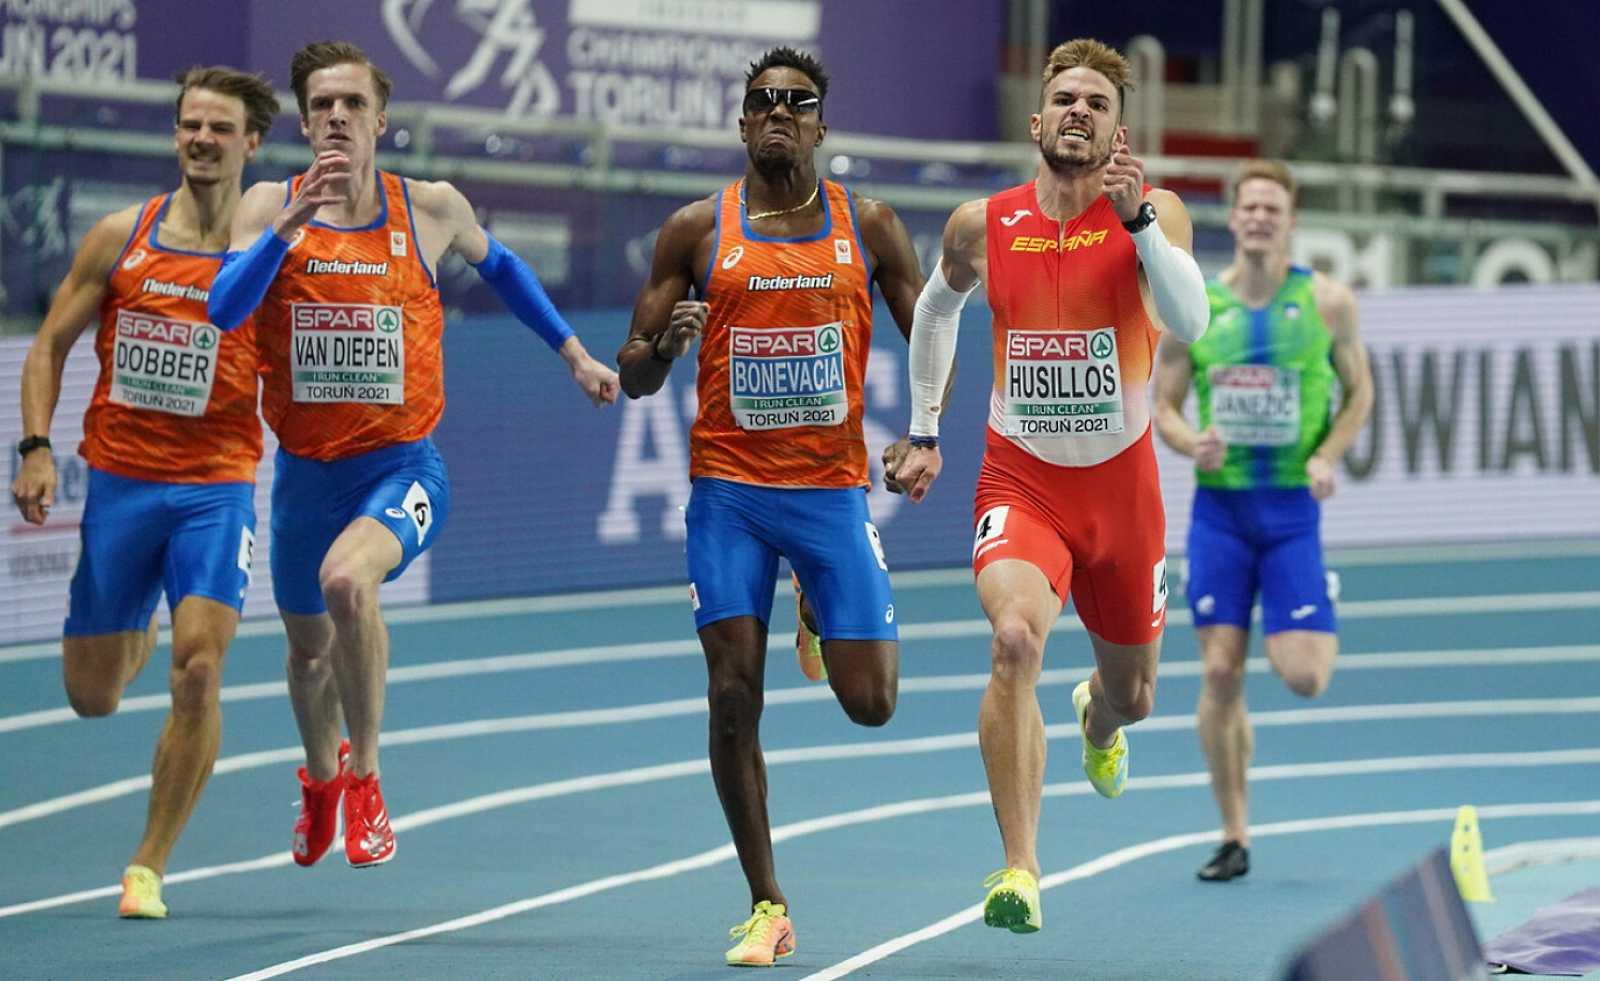 Atletismo - Campeonato de Europa Pista Cubierta. Sesión Vespertina - 06/03/21 - ver ahora